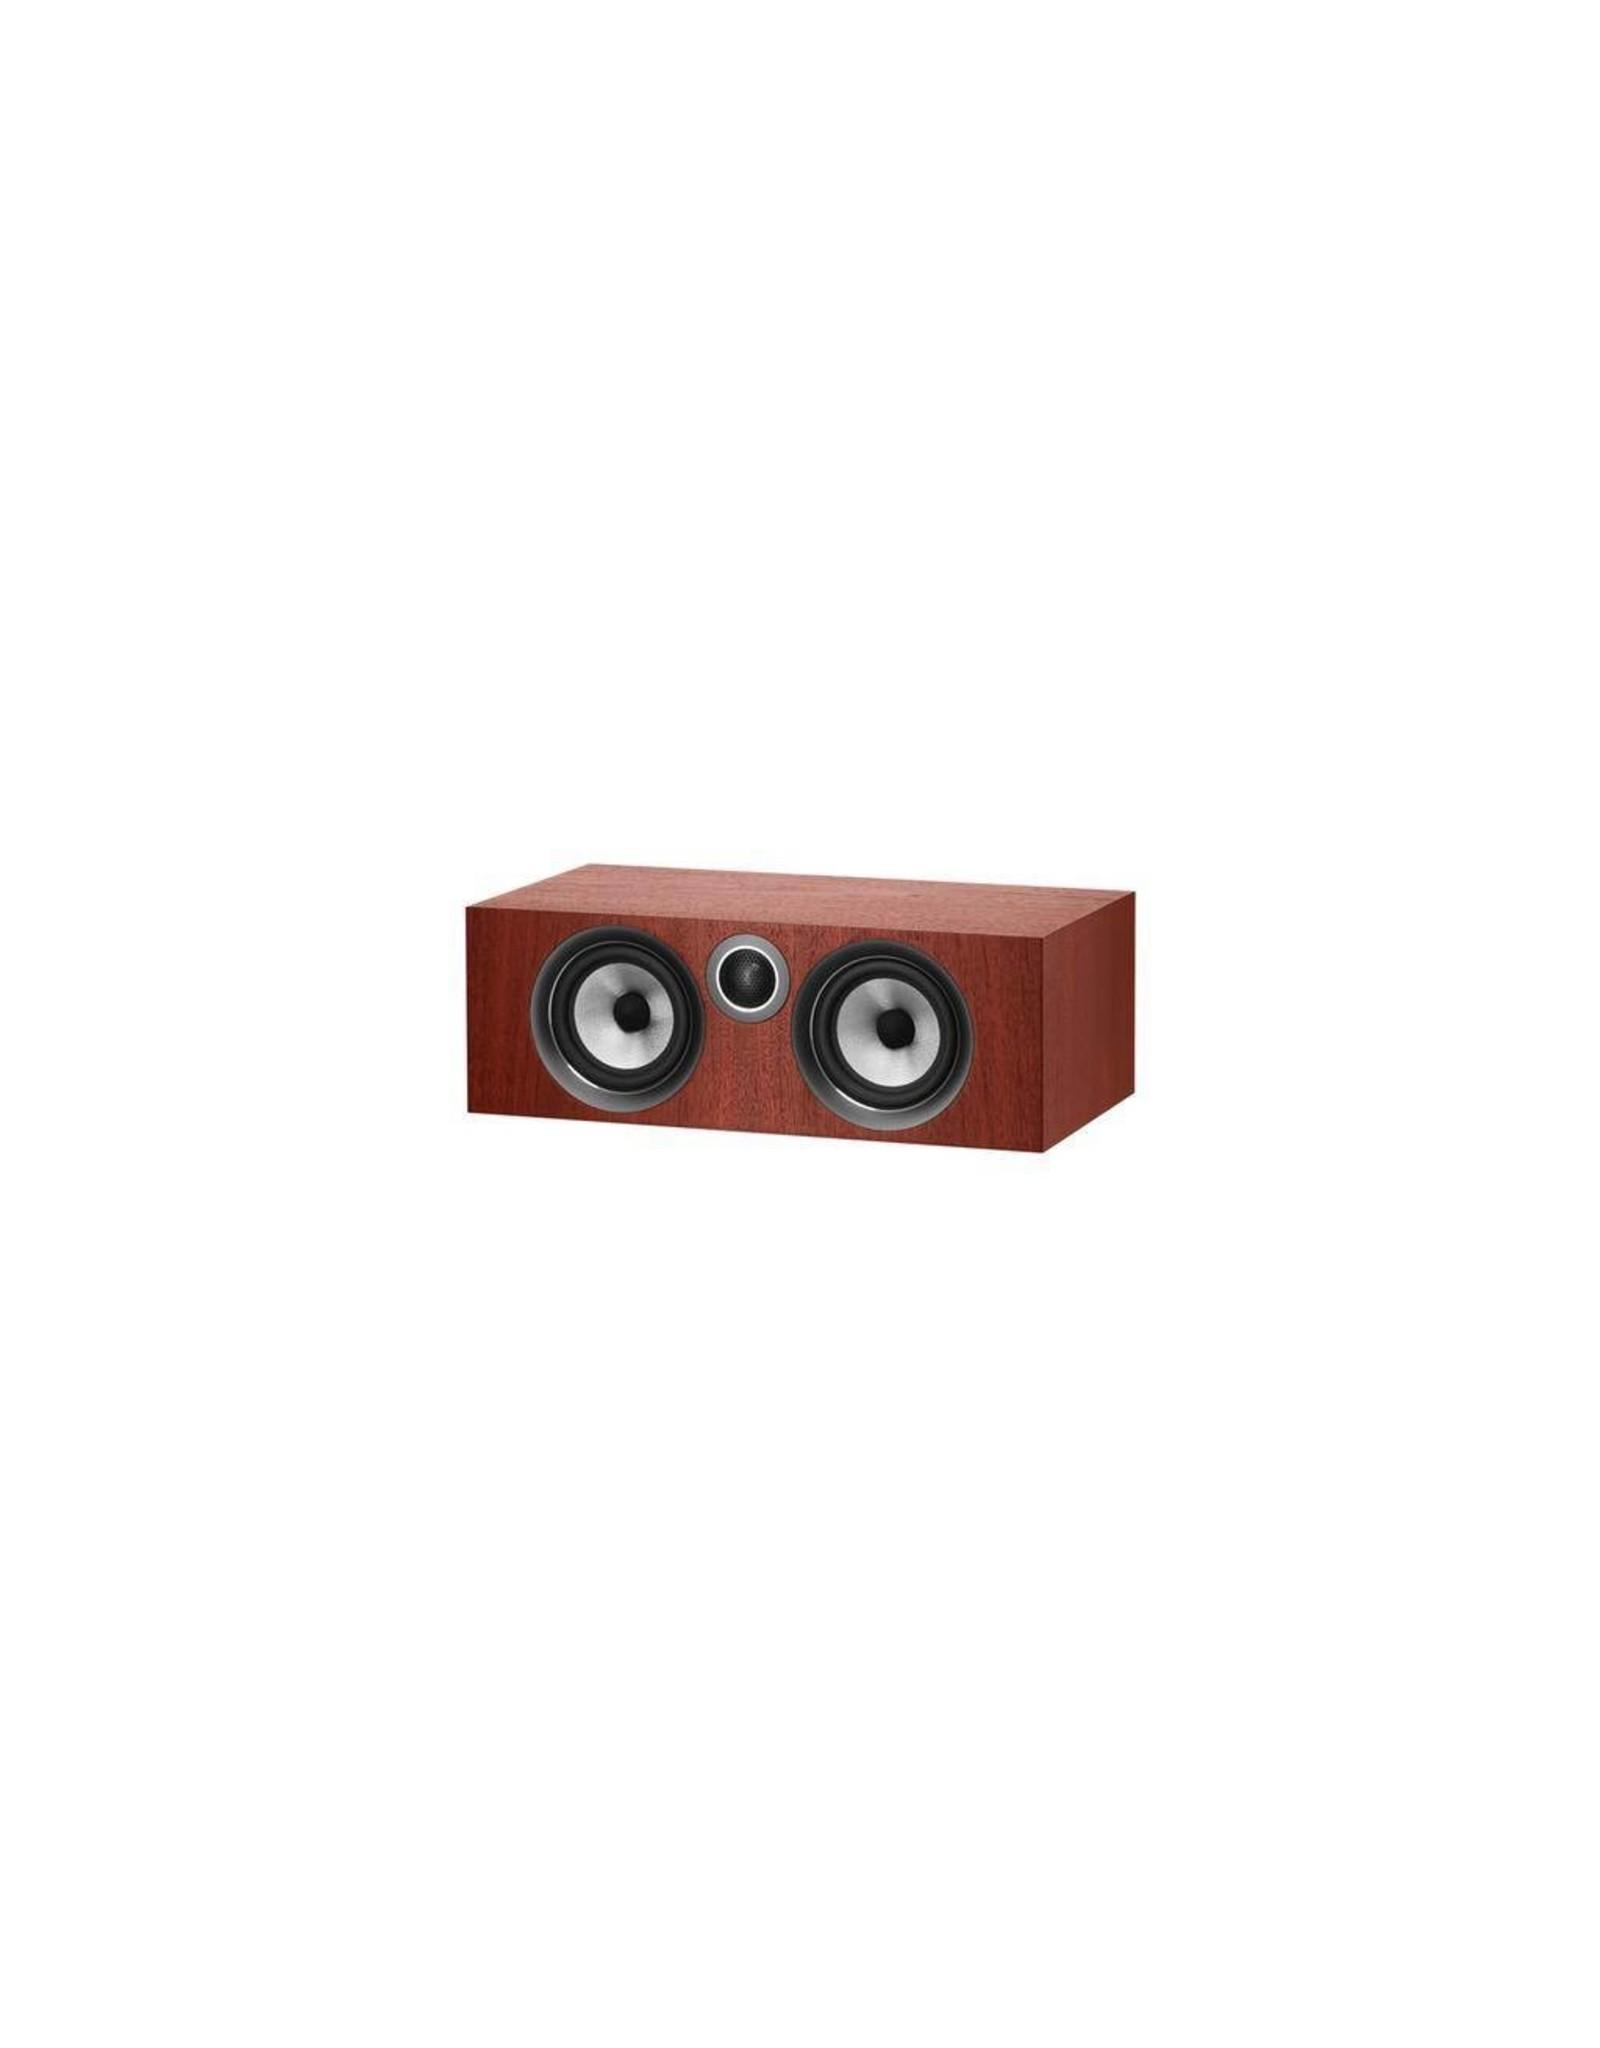 BOWERS & WILKINS B&W HTM72 2-Way Centre Channel Speaker